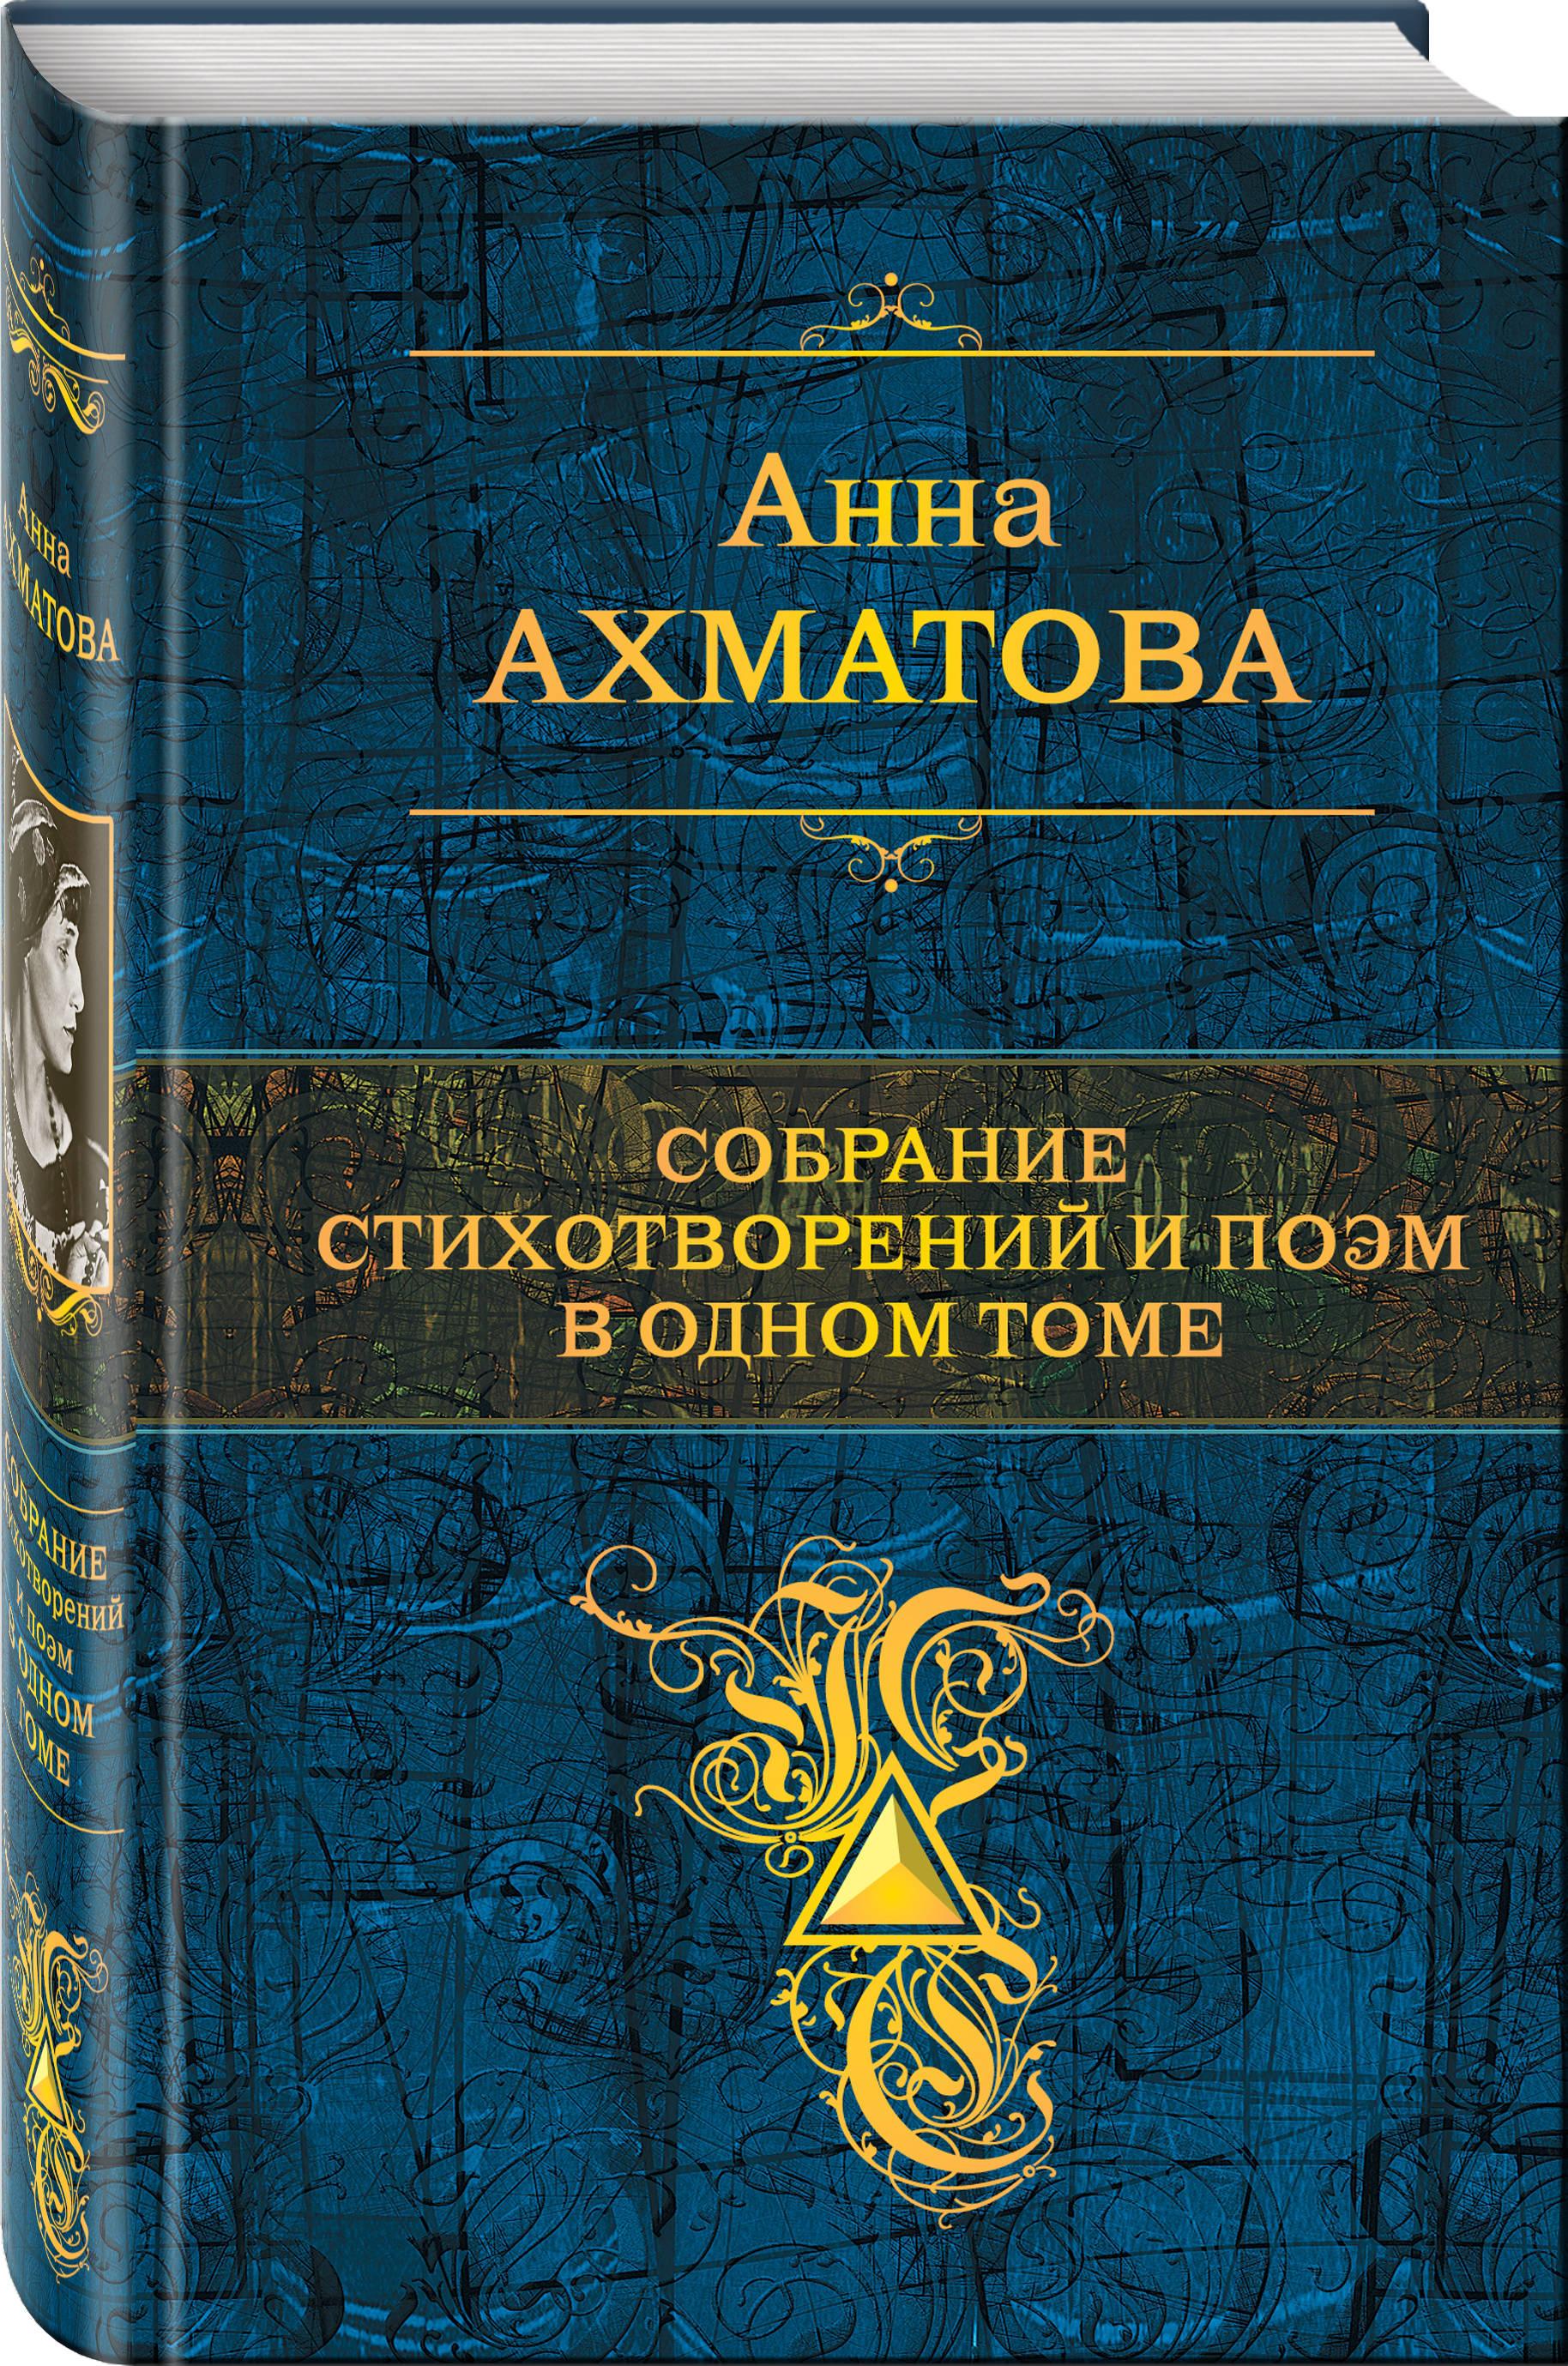 Ахматова А.А. Собрание стихотворений и поэм в одном томе книги эксмо сфинкс полное собрание стихотворений и поэм